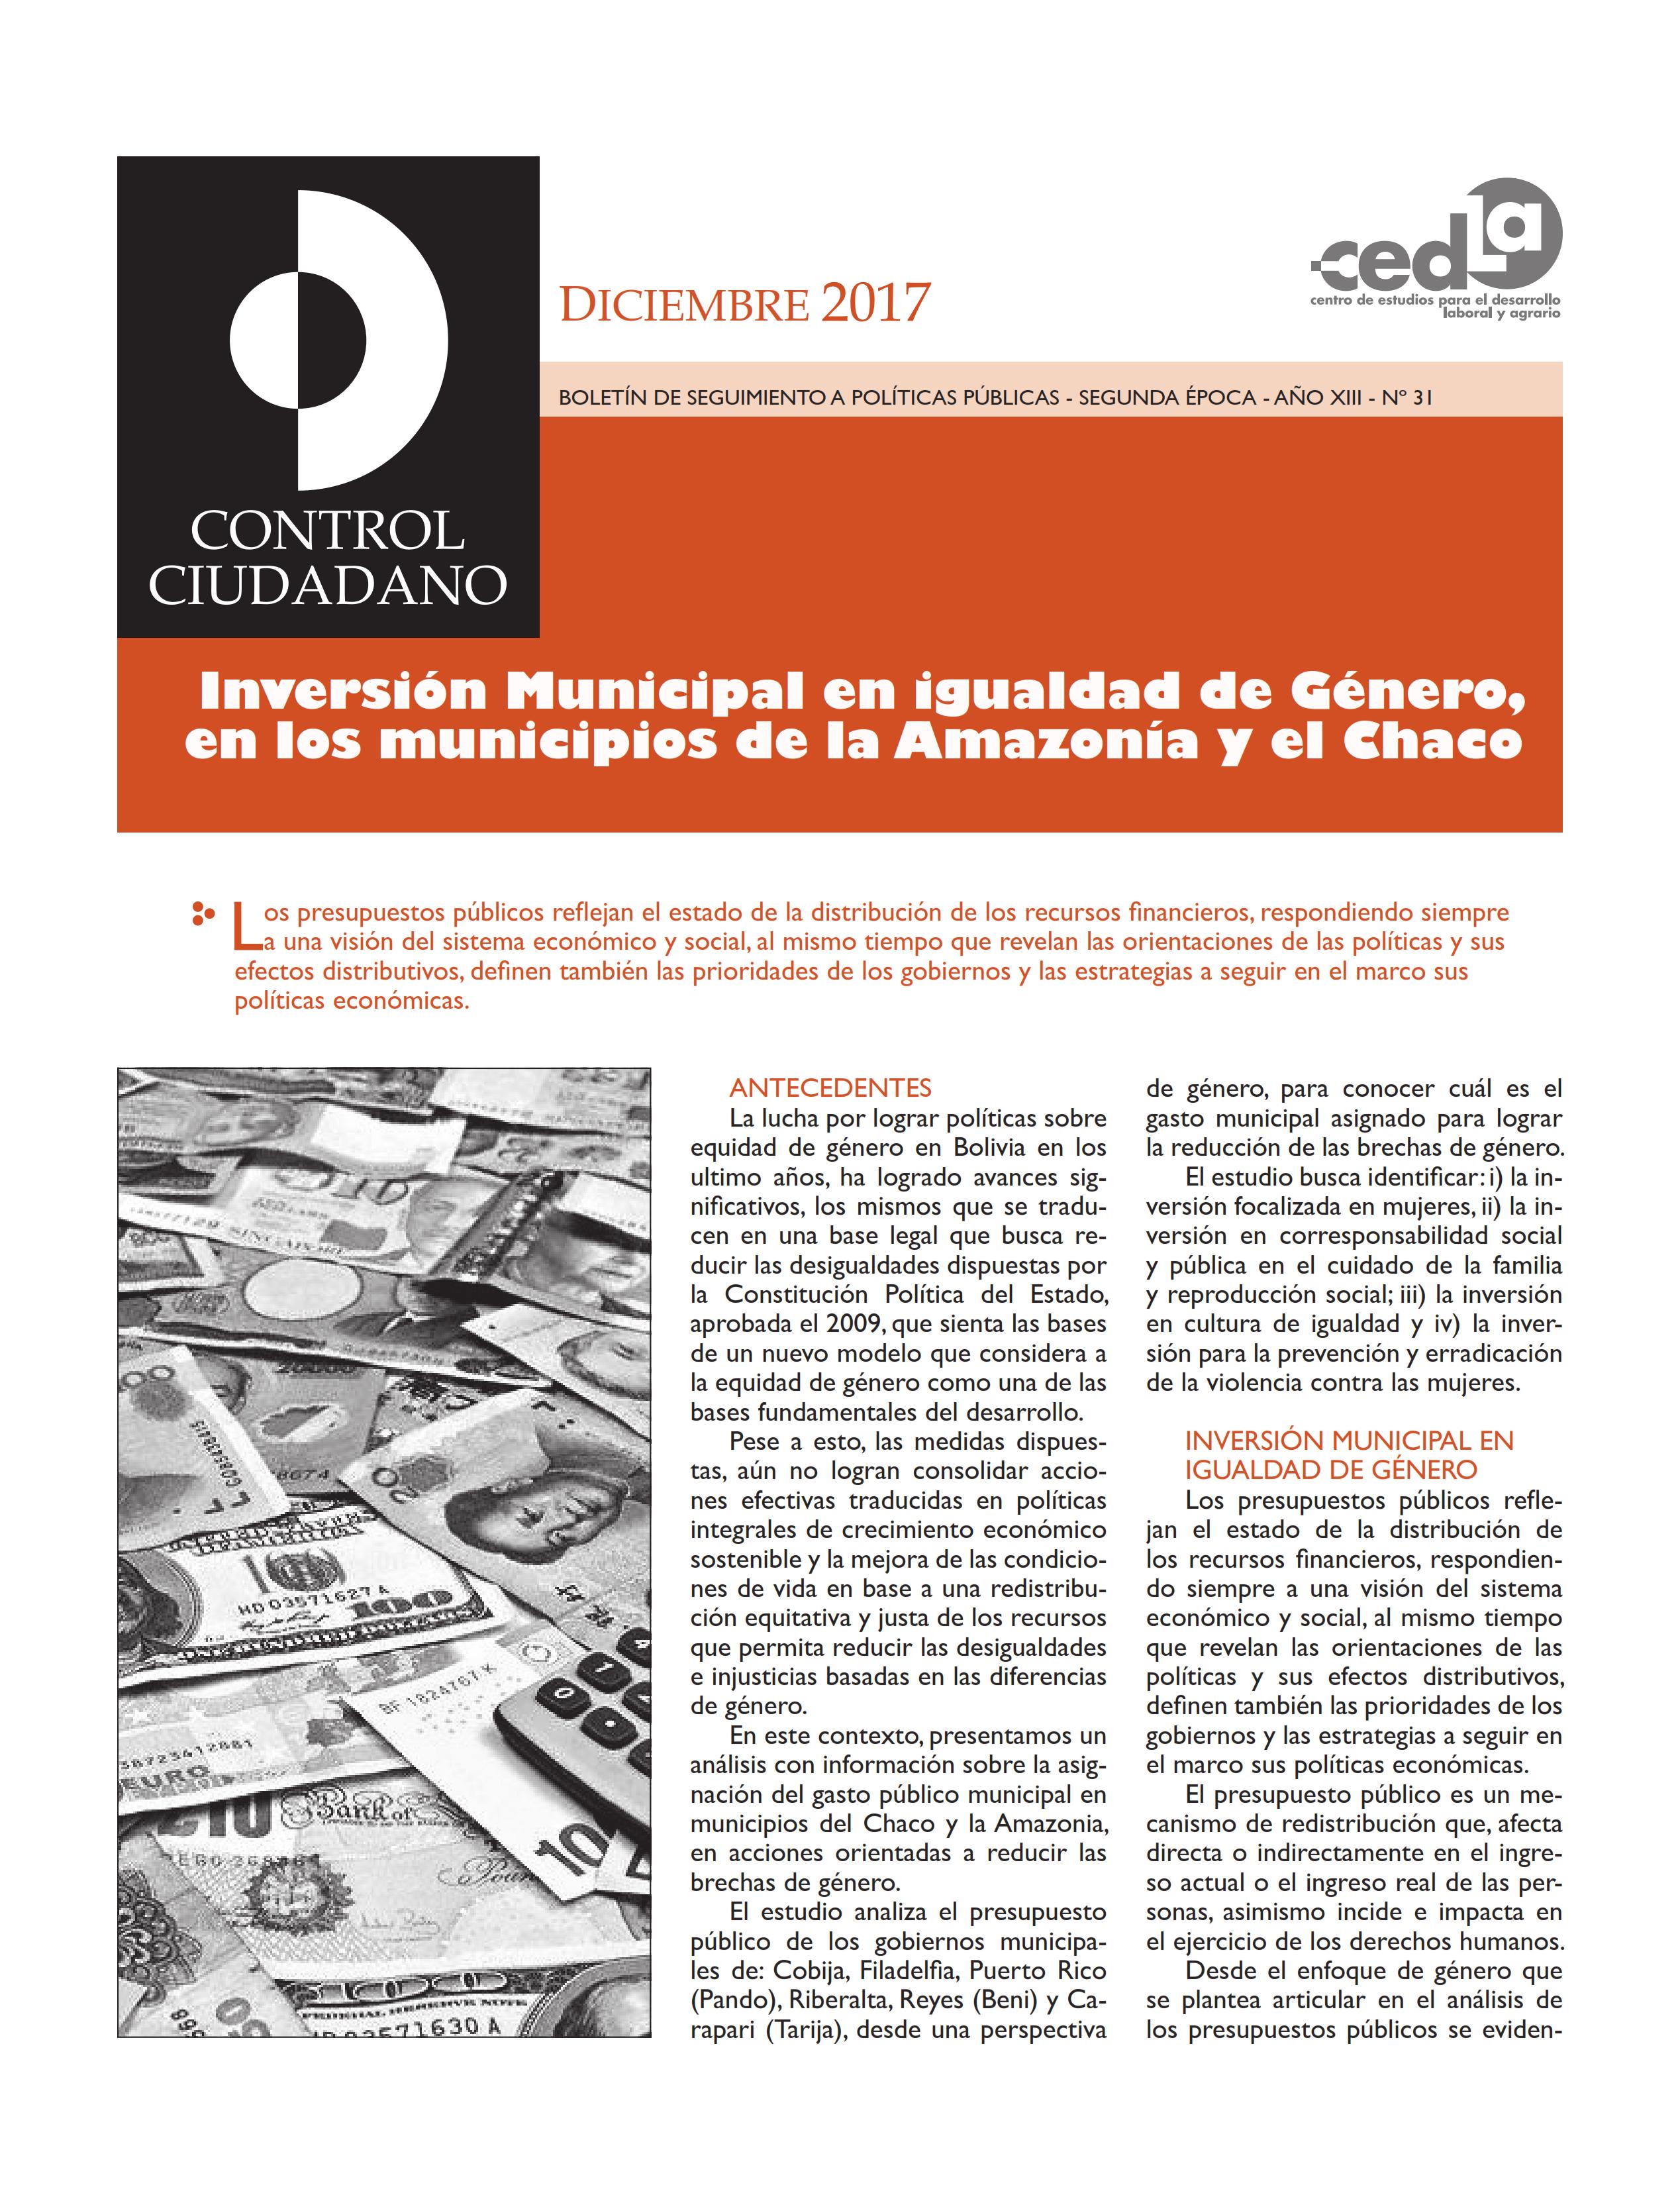 cc_31_inversion_municipal_en_igualdad_de_genero_en_los_municipios_de_la_amazonia_y_el_chaco_001.png